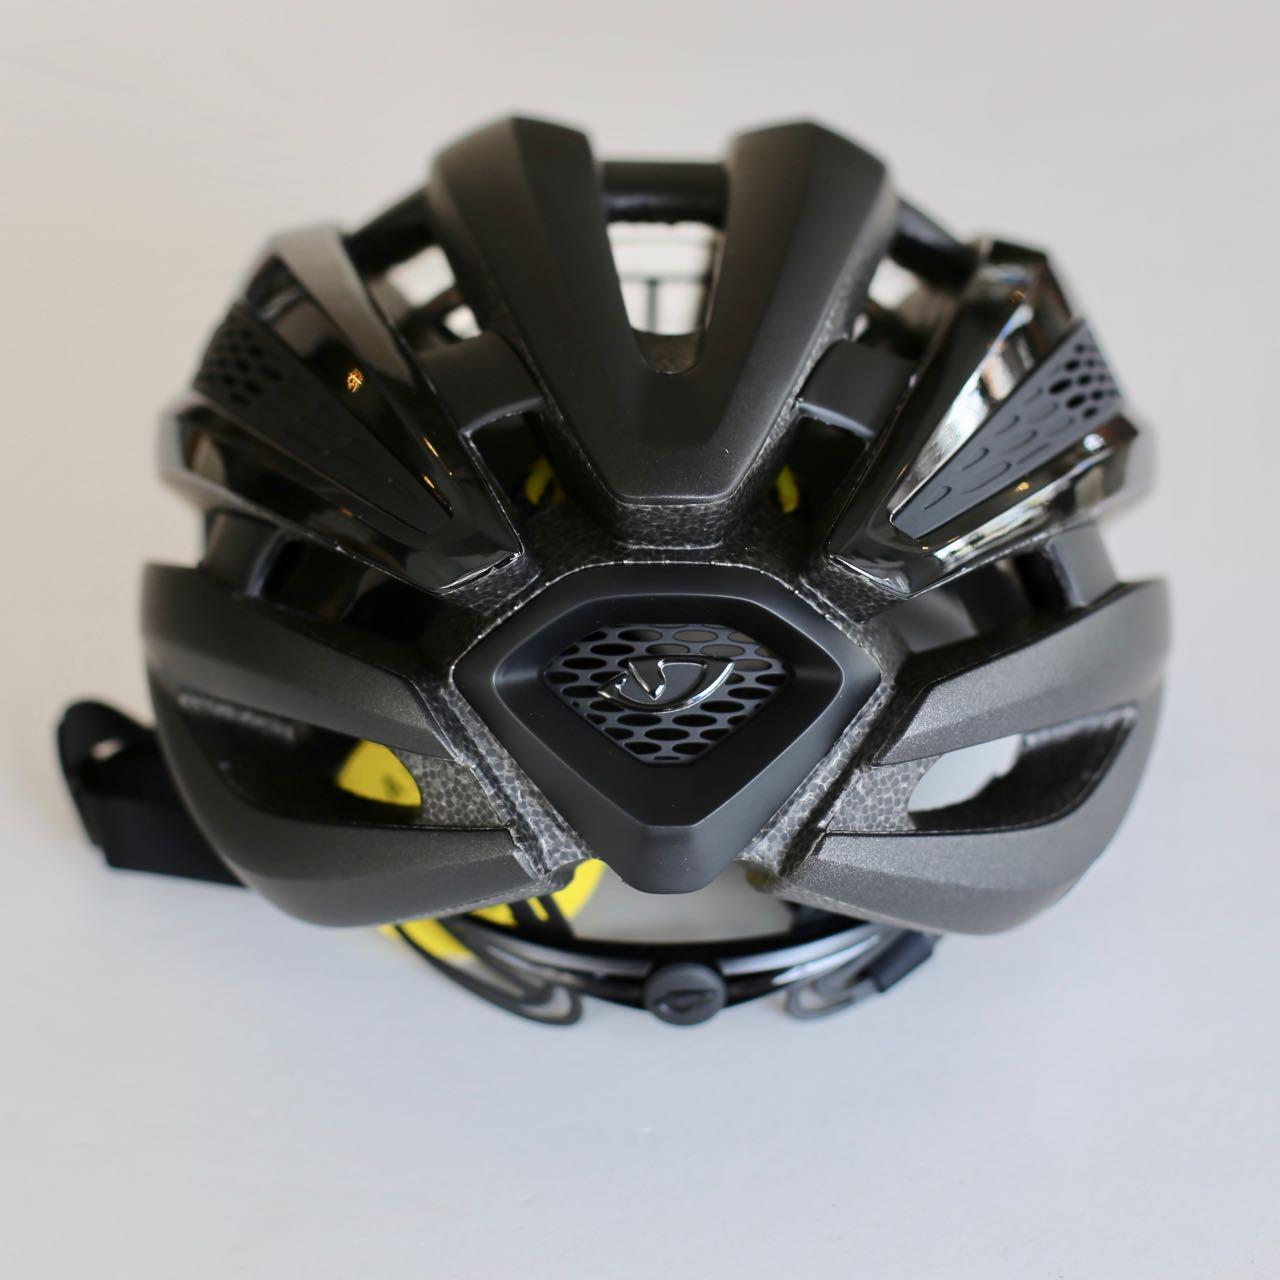 【オンロード向】SYNTHE MIPS アジアンフィット Matte-Black GIRO/ジロ シンセ ヘルメット